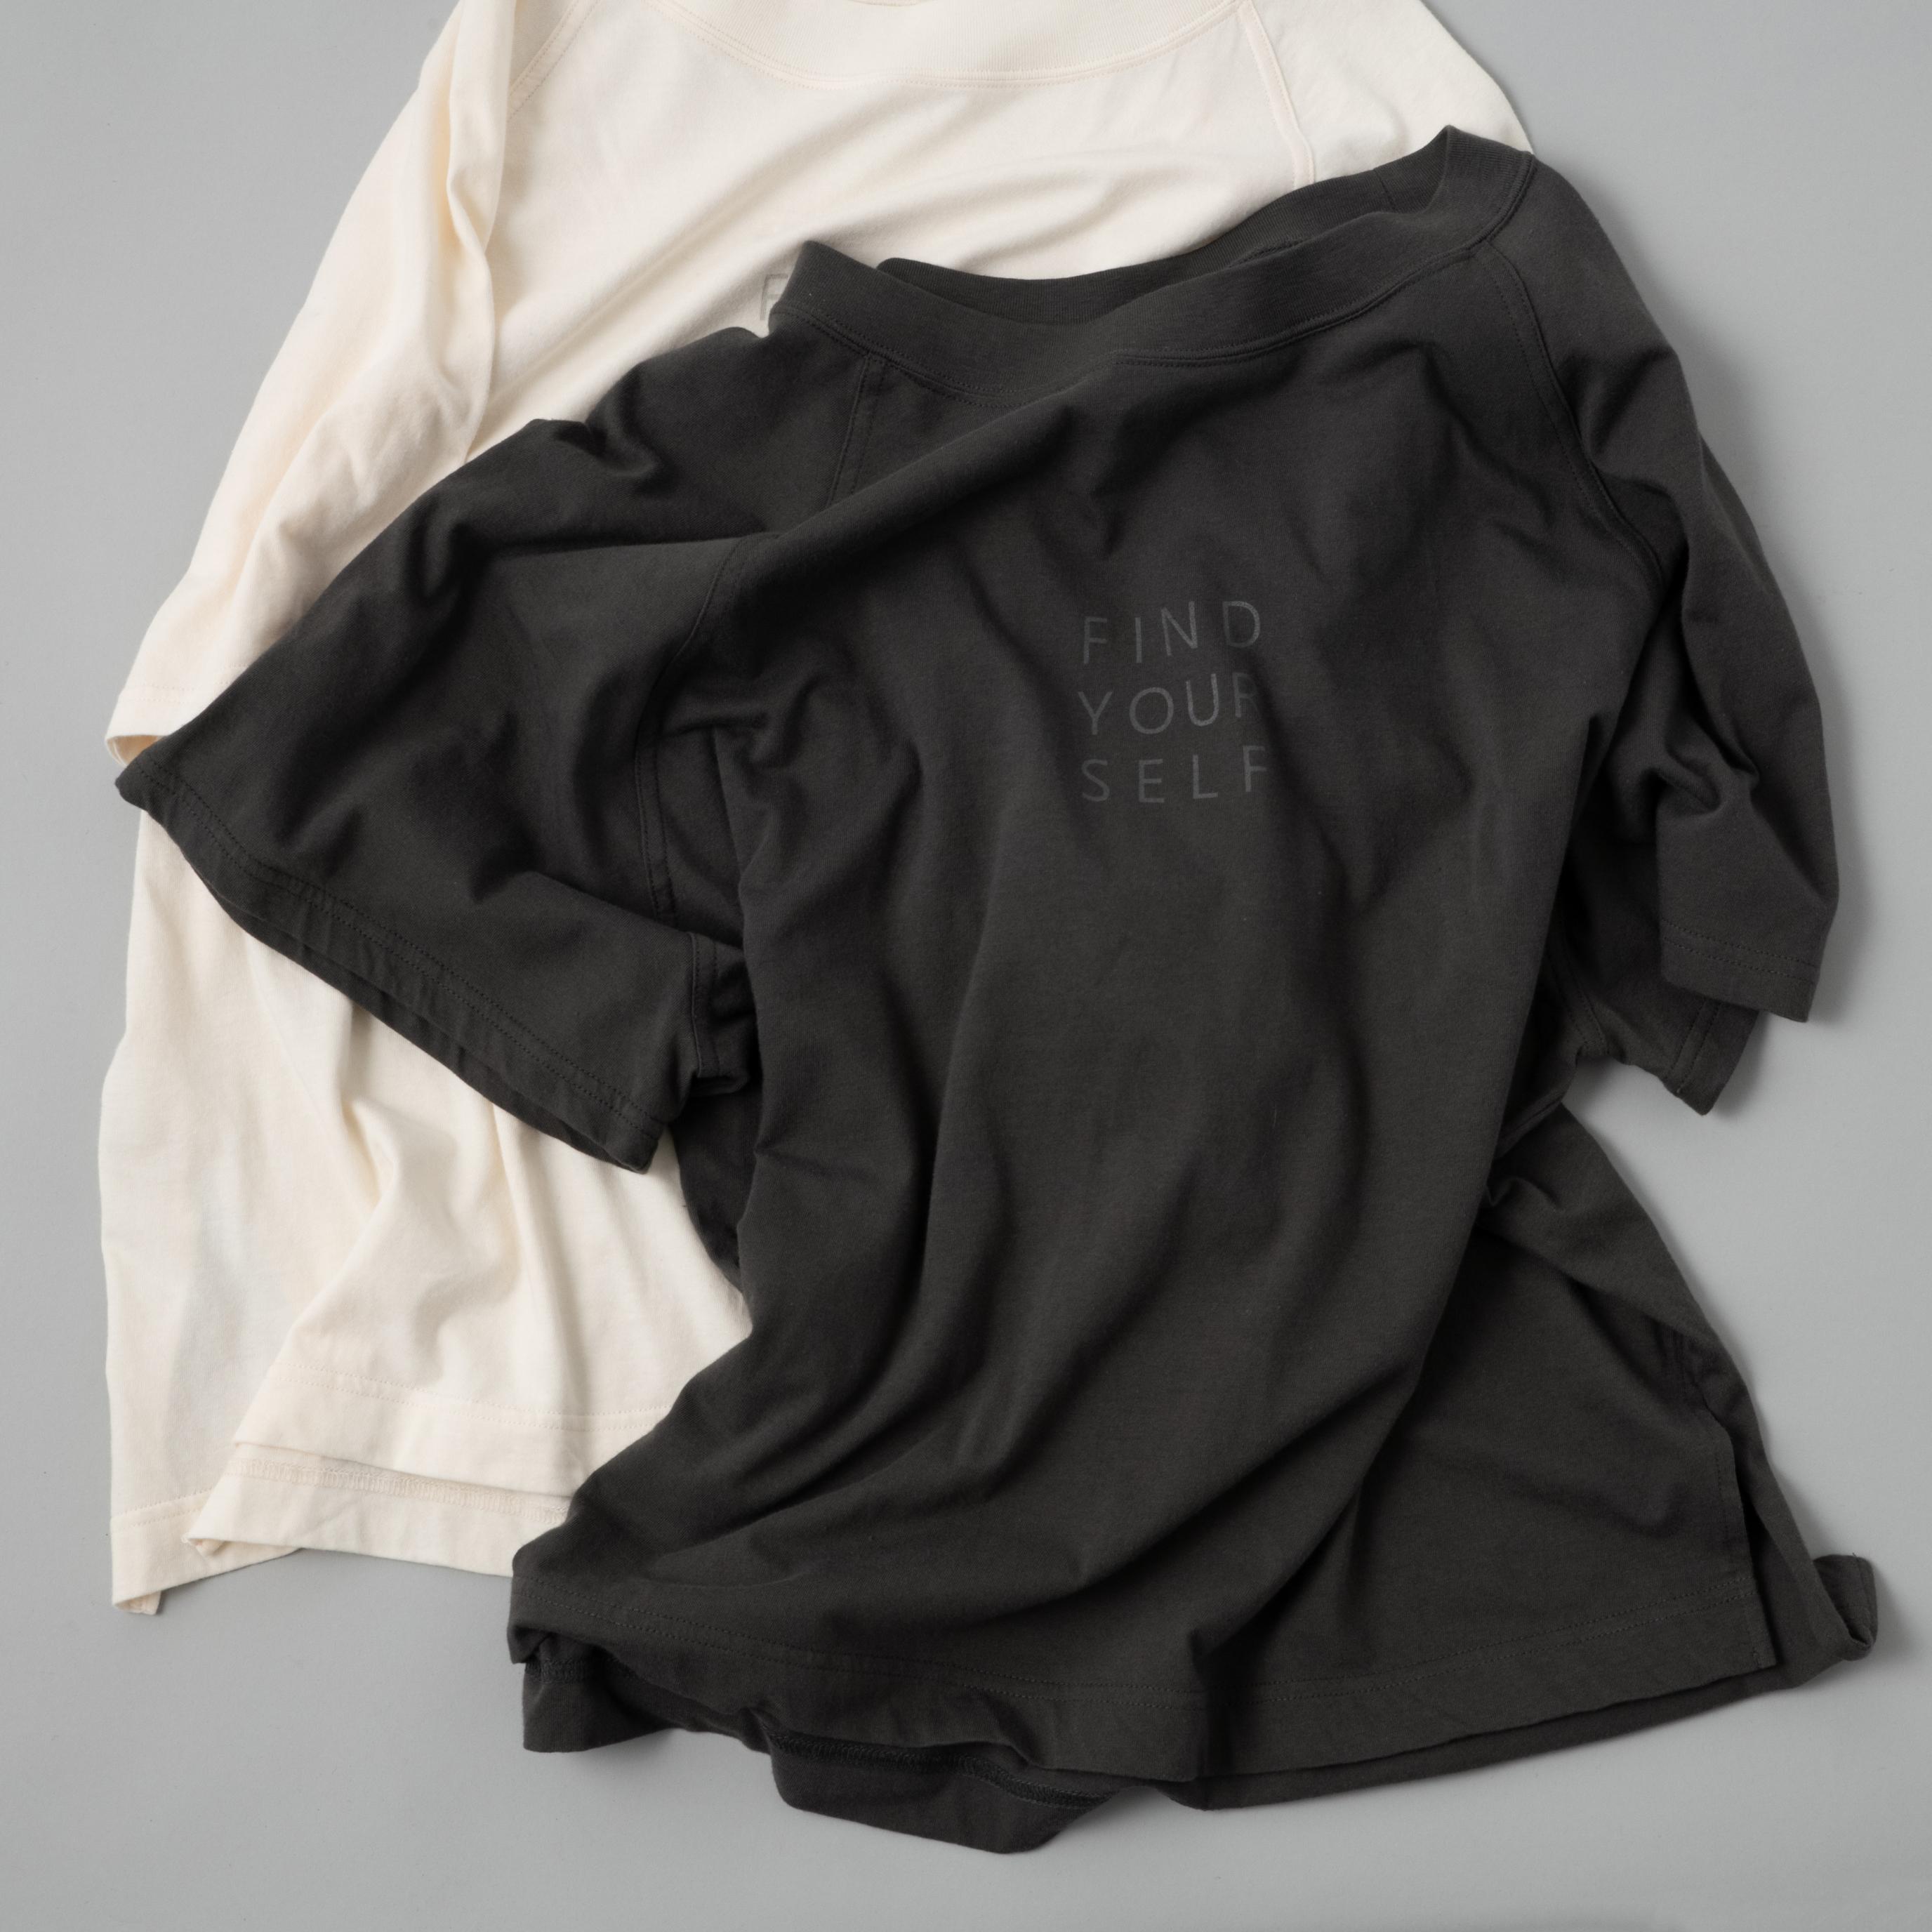 upper hights隠れた定番商品!TEEシャツシリーズをご存じですか?